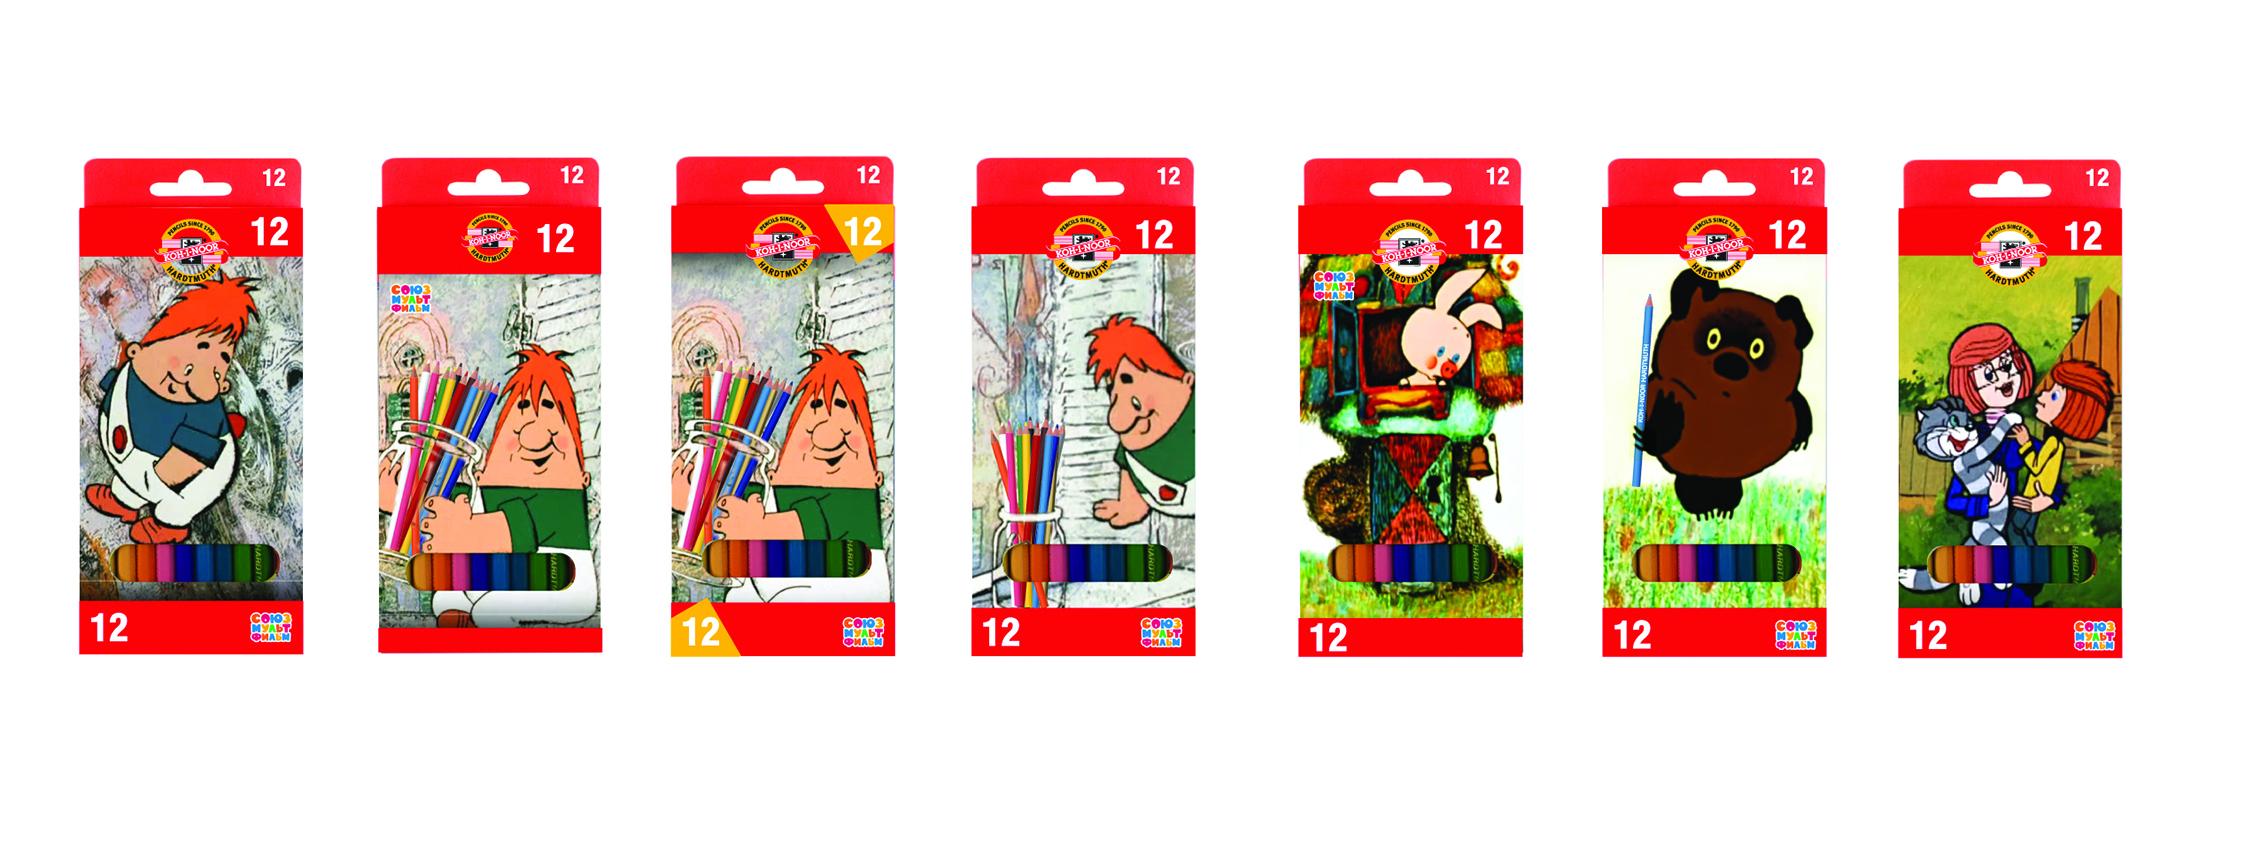 Разработка дизайна упаковки для чешского бренда KOH-I-NOOR фото f_29559f0c16423714.jpg